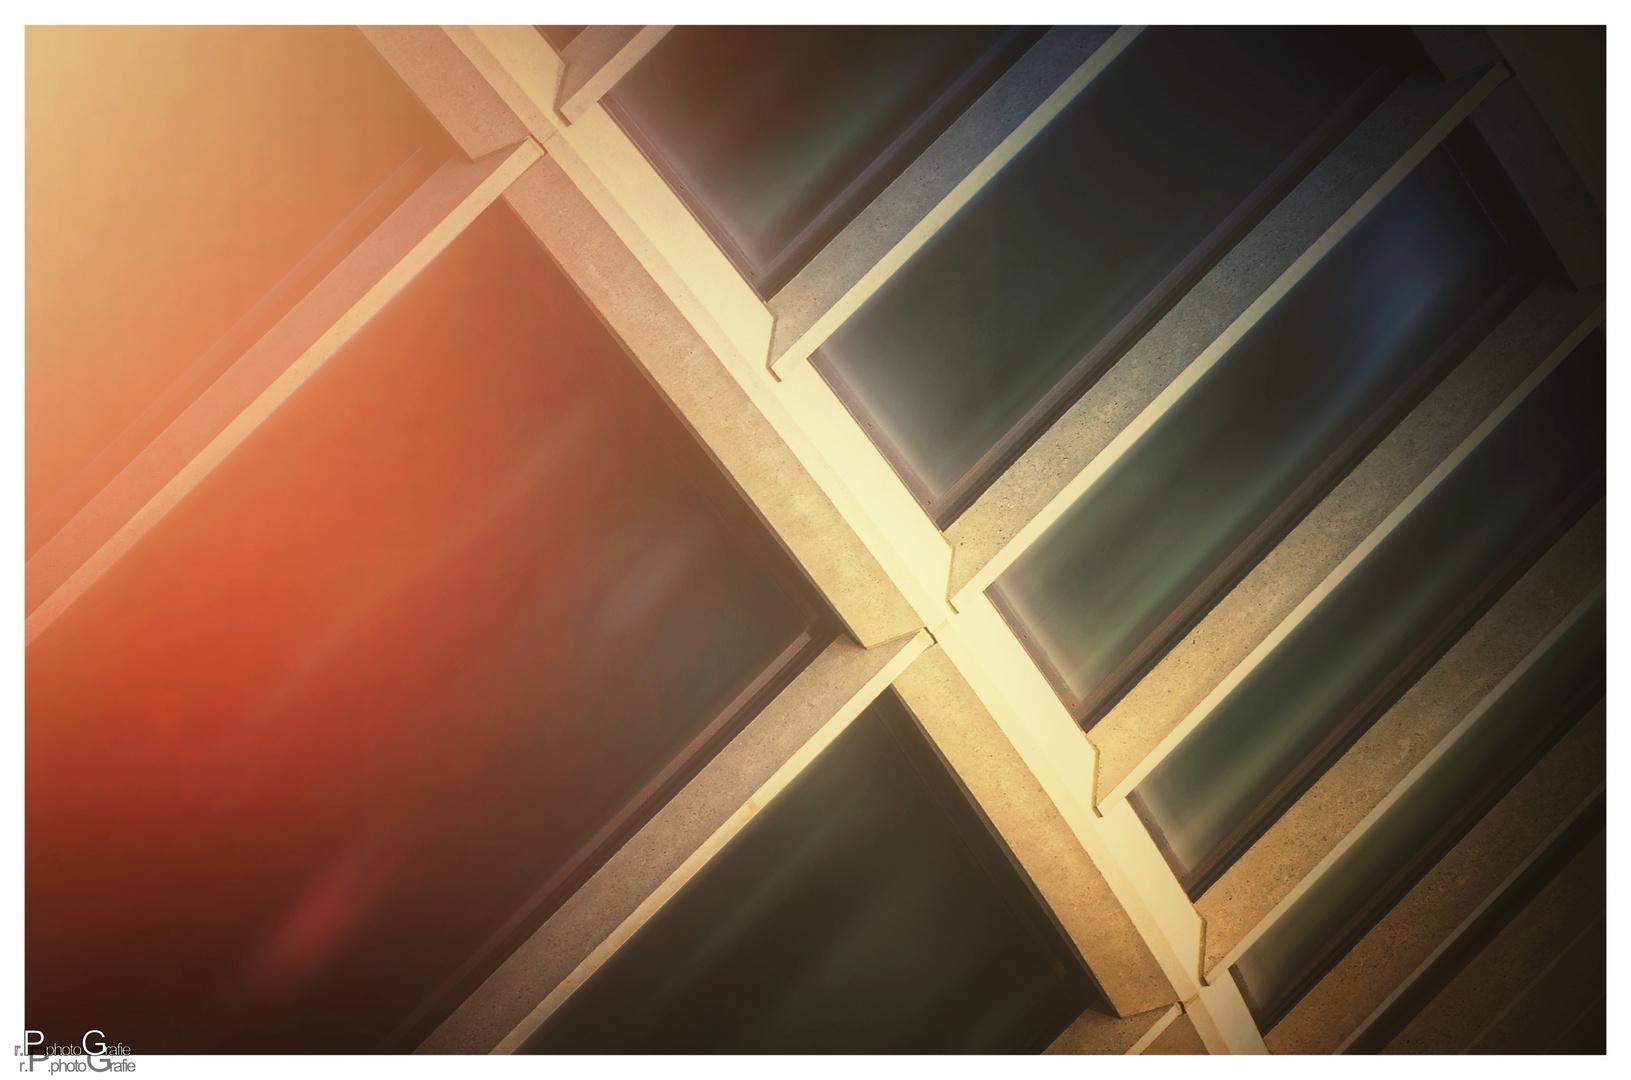 Fenster und Linien